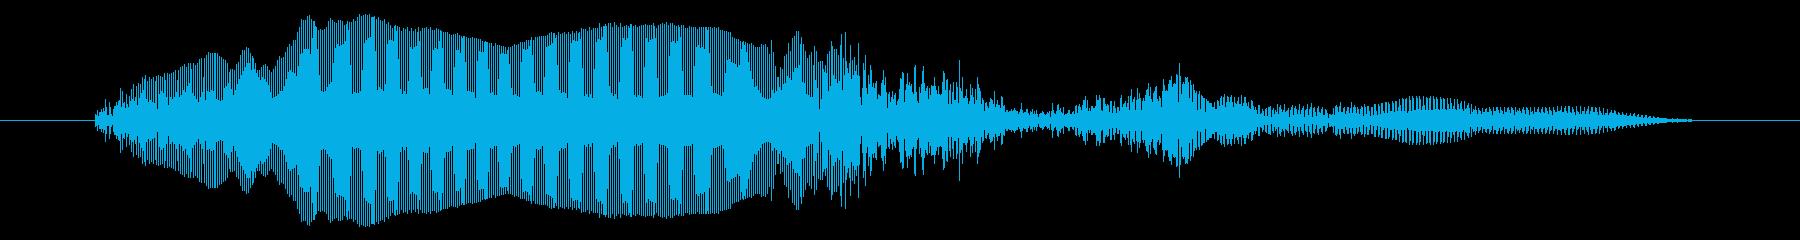 10代の女性:泣きながら痛みを伴う叫びの再生済みの波形